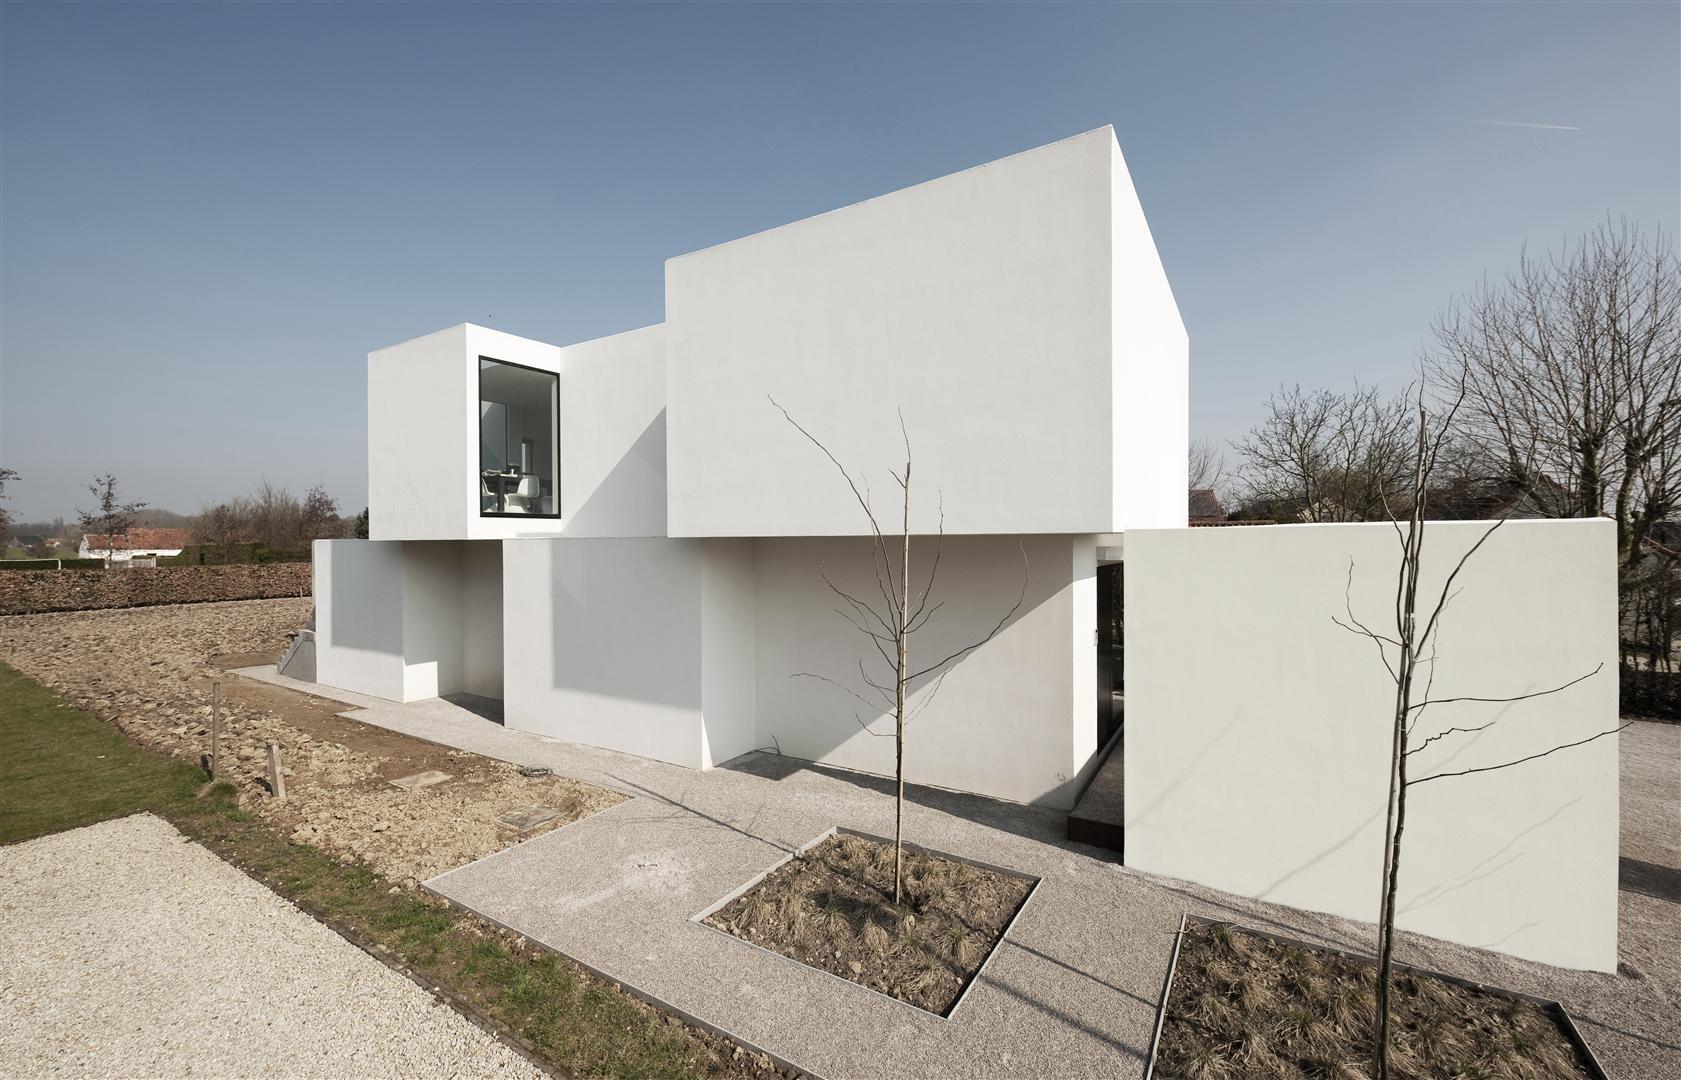 House D-Z / GRAUX & BAEYENS Architecten, © Luc Roymans